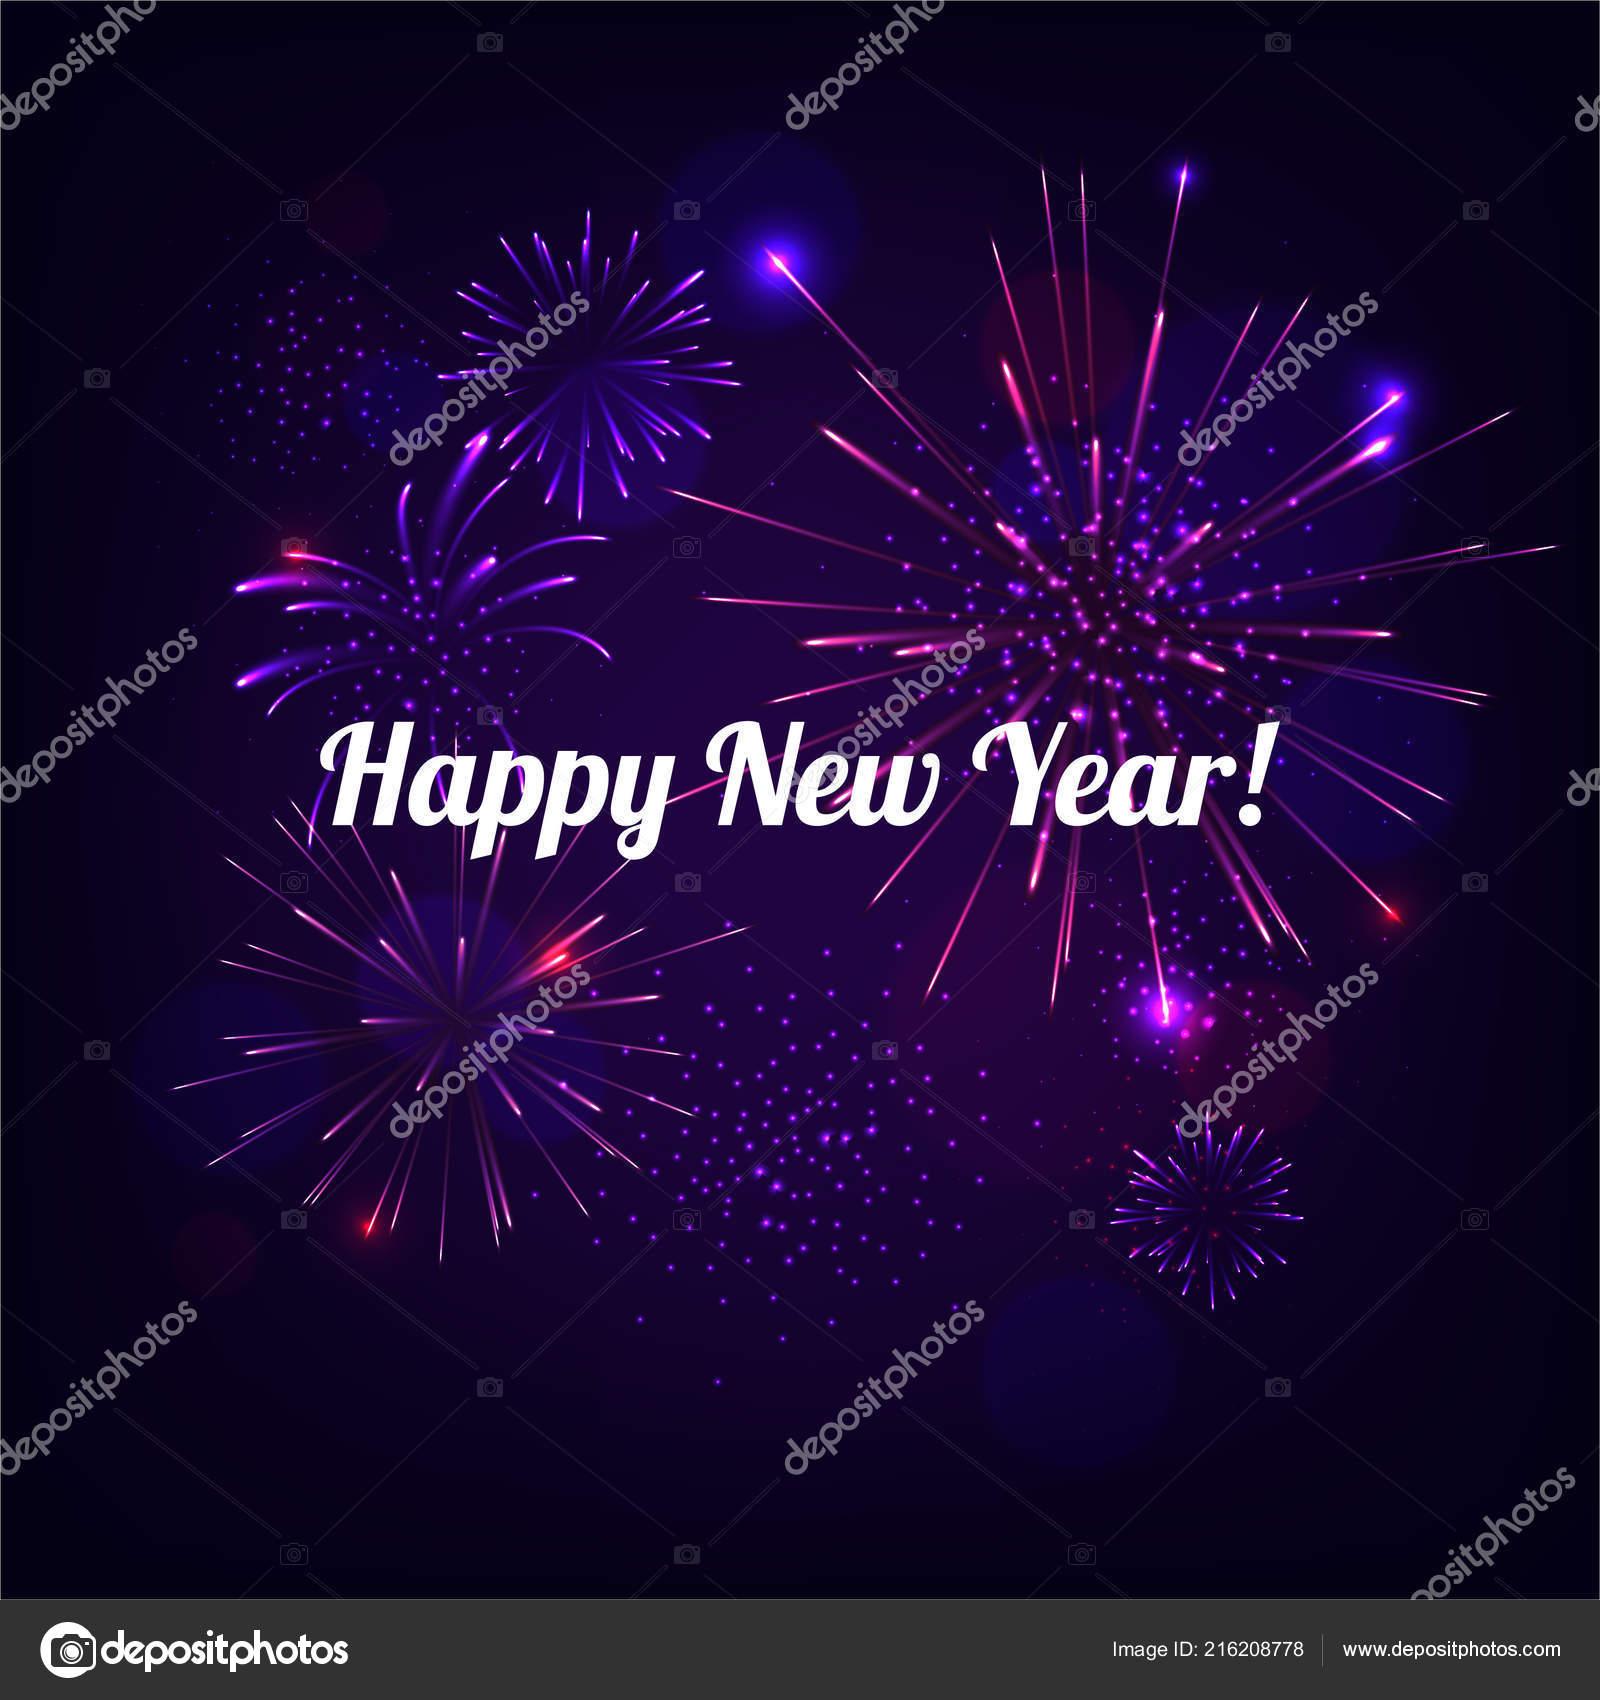 Dibujo Feliz Ano Nuevo Con Fuegos Artificiales Fondo Azul Vector